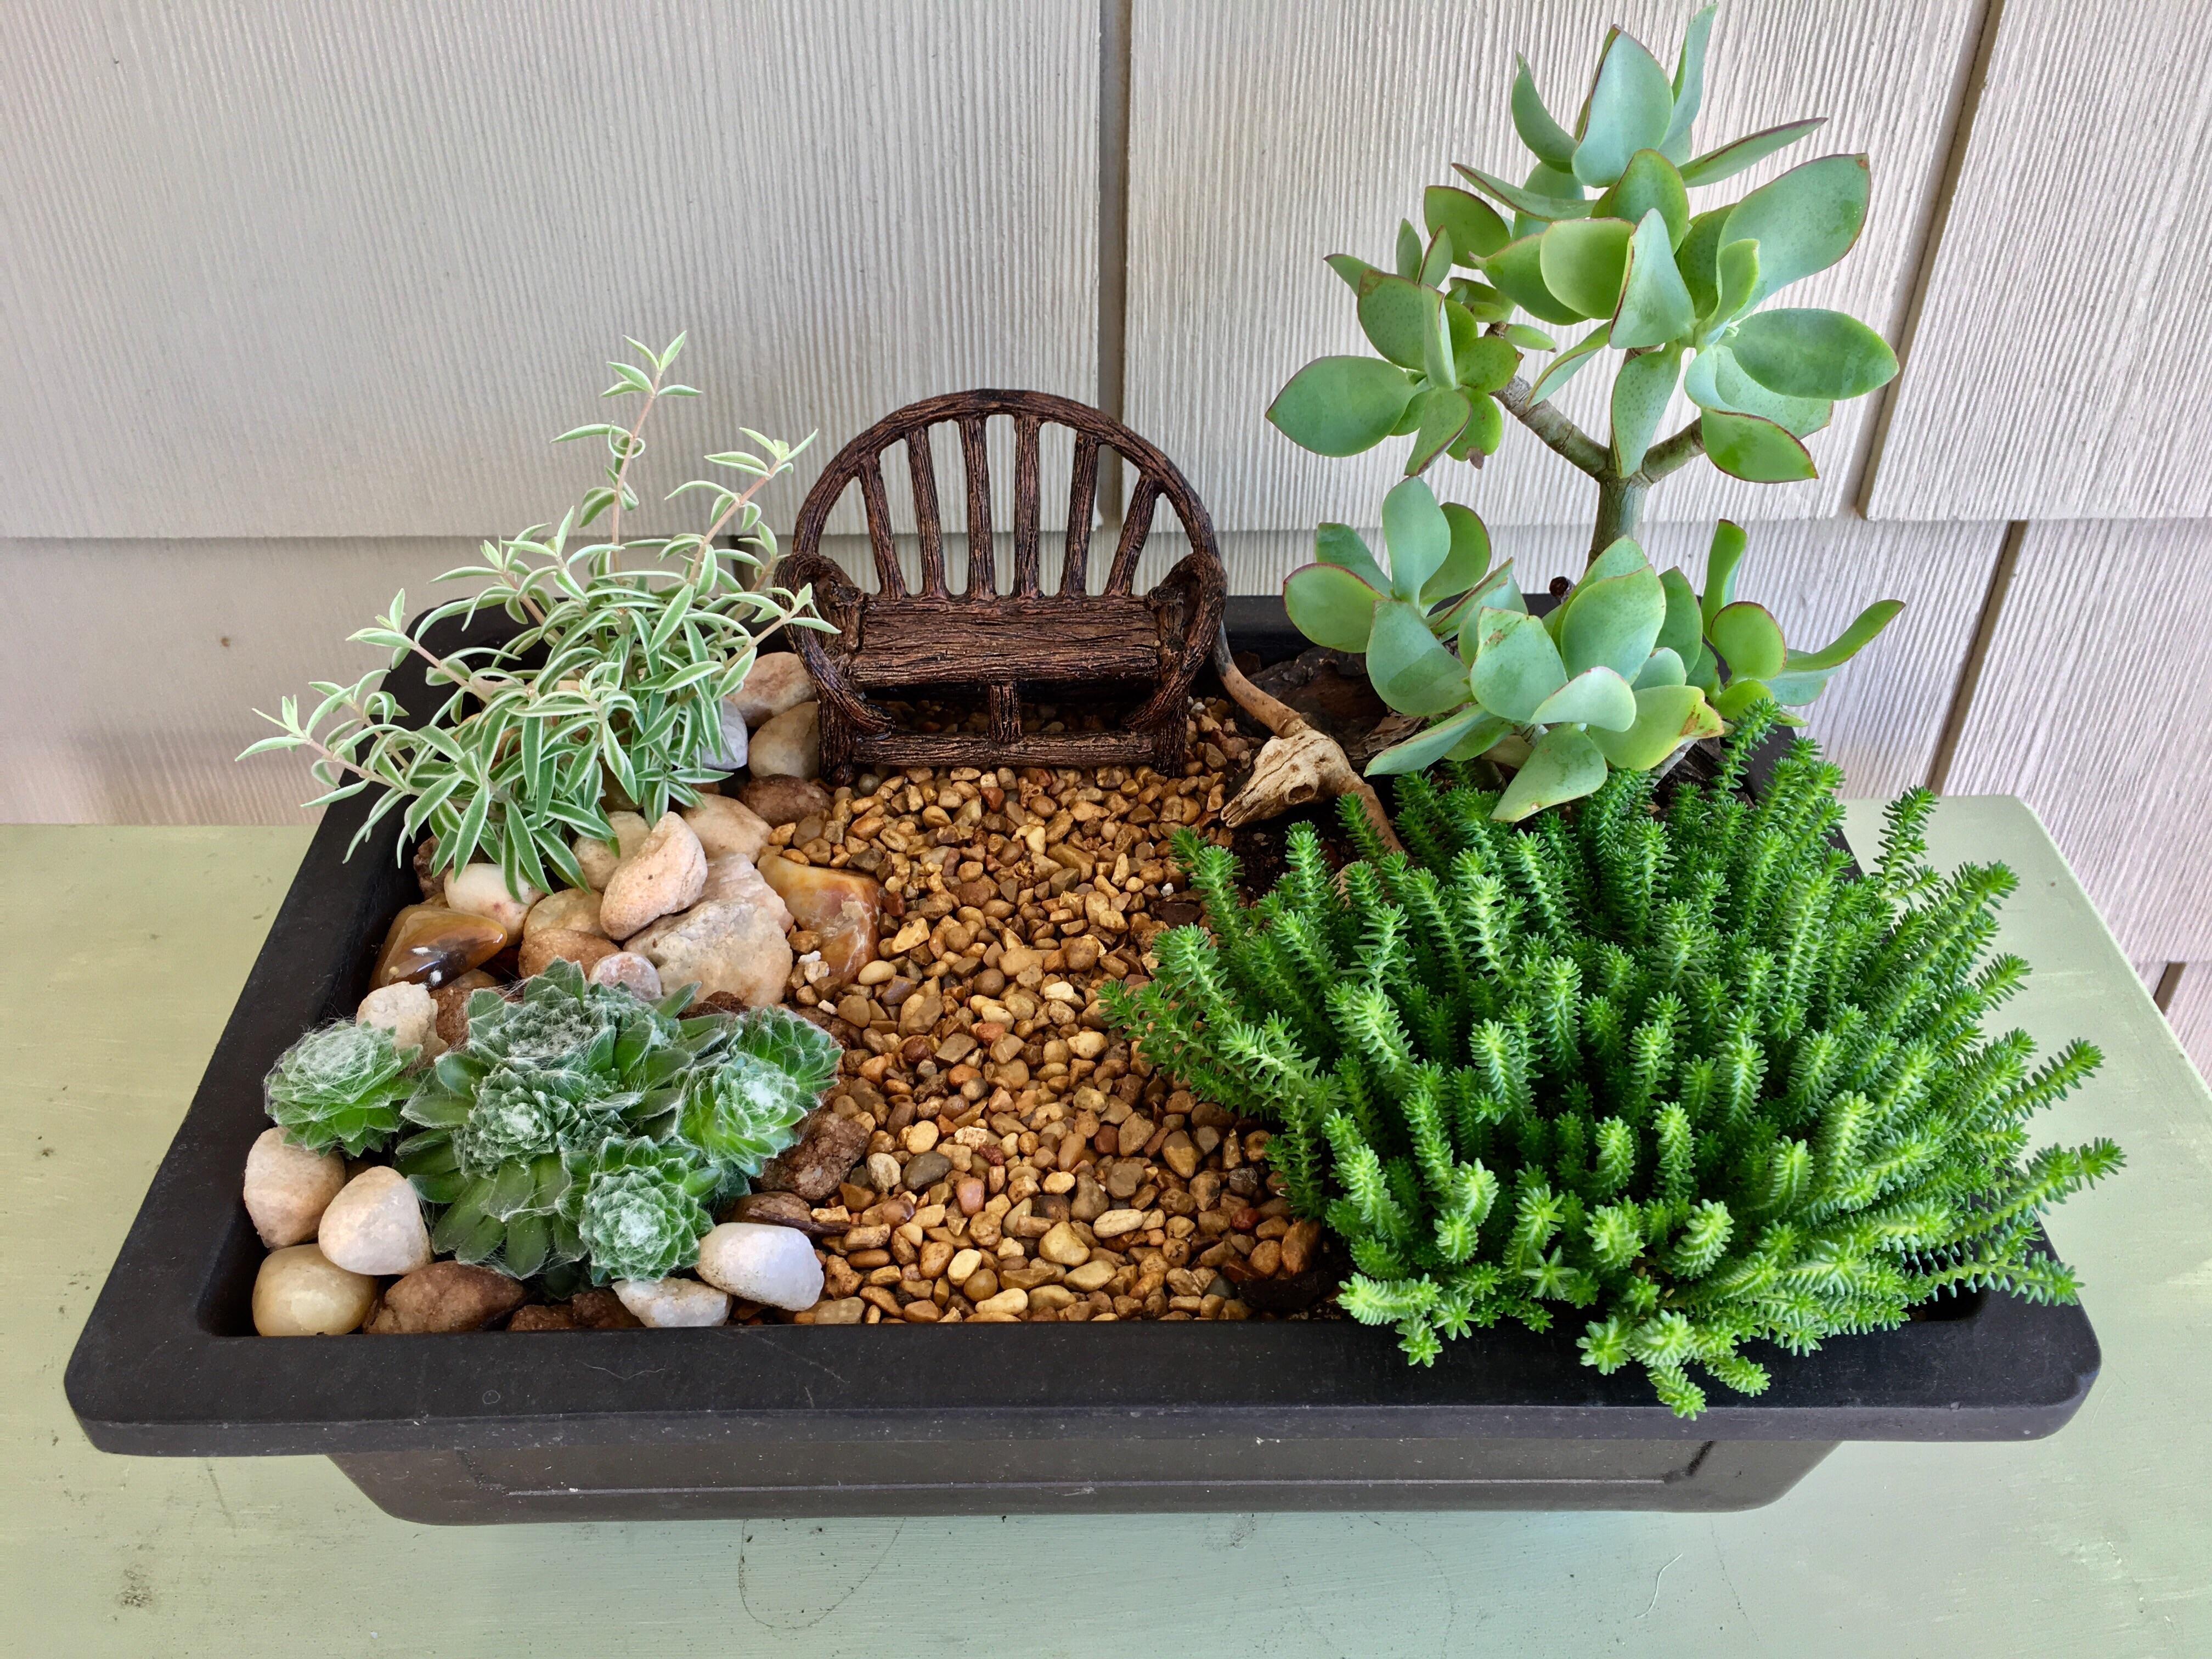 Особенности ландшафтного дизайна маленького сада